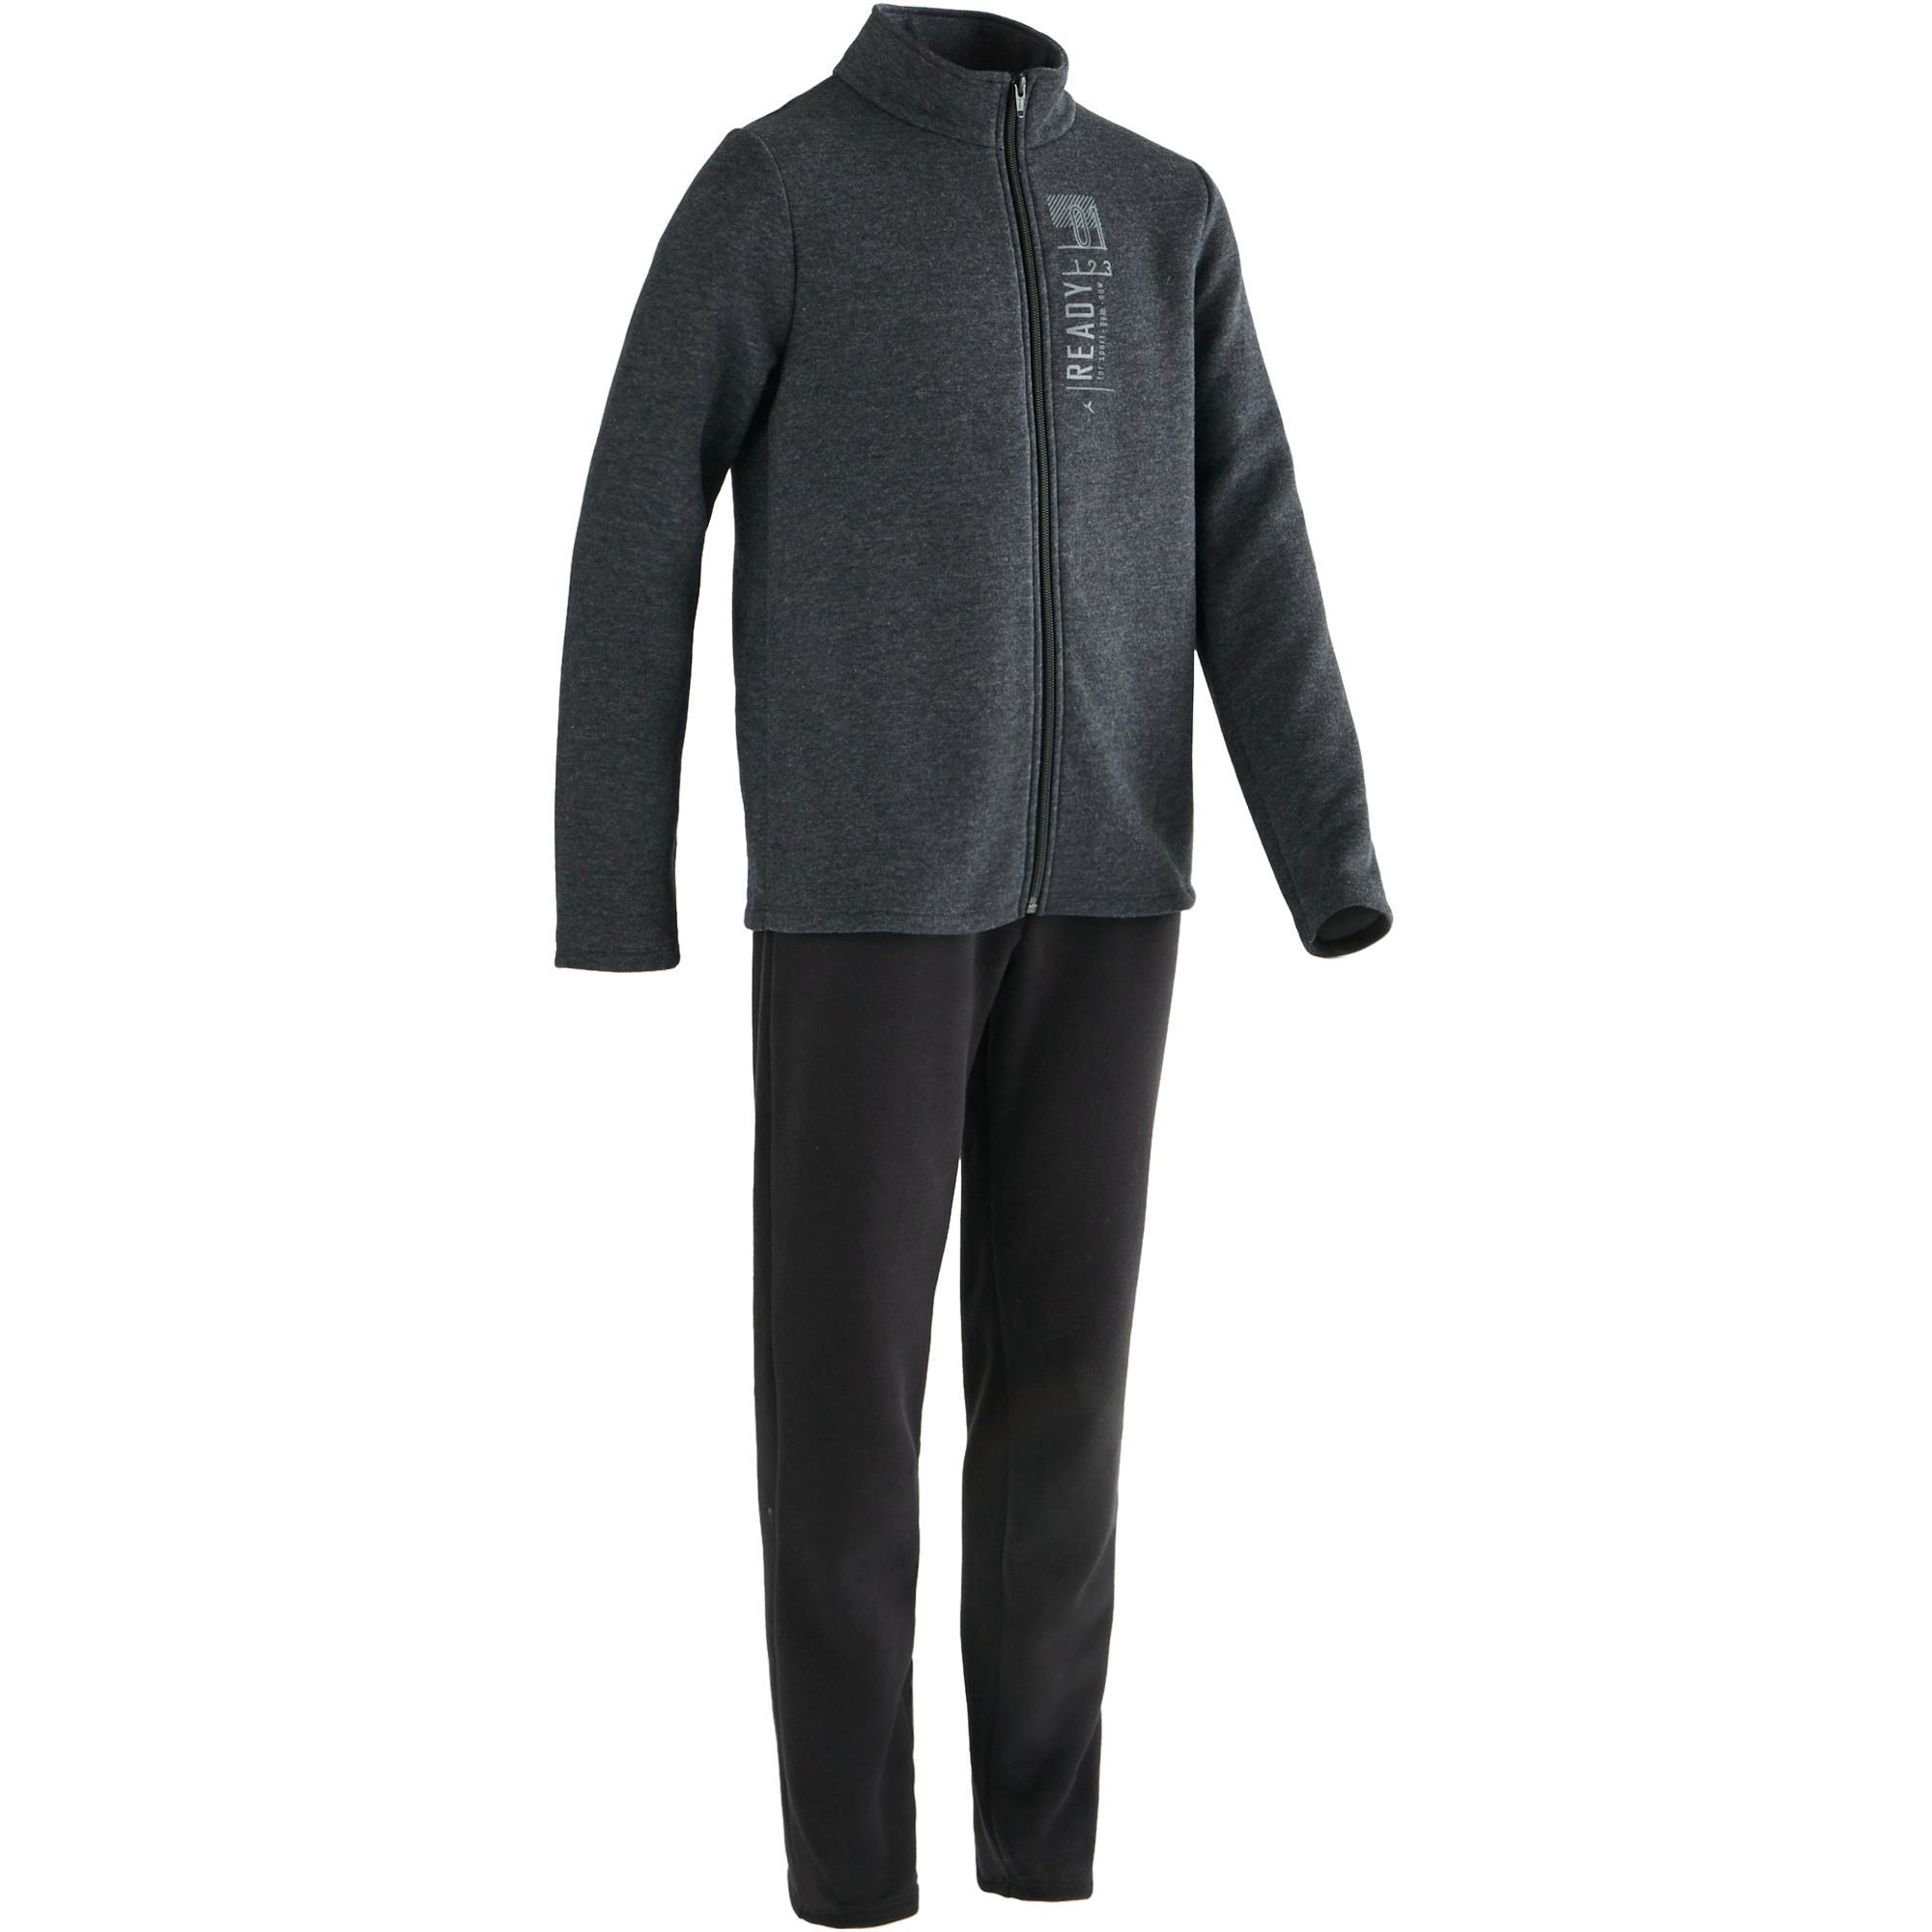 Jungen,  Kinder,  Kinder Domyos Trainingsanzug Warm'y 100 Gym Kinder grau   03608419186840